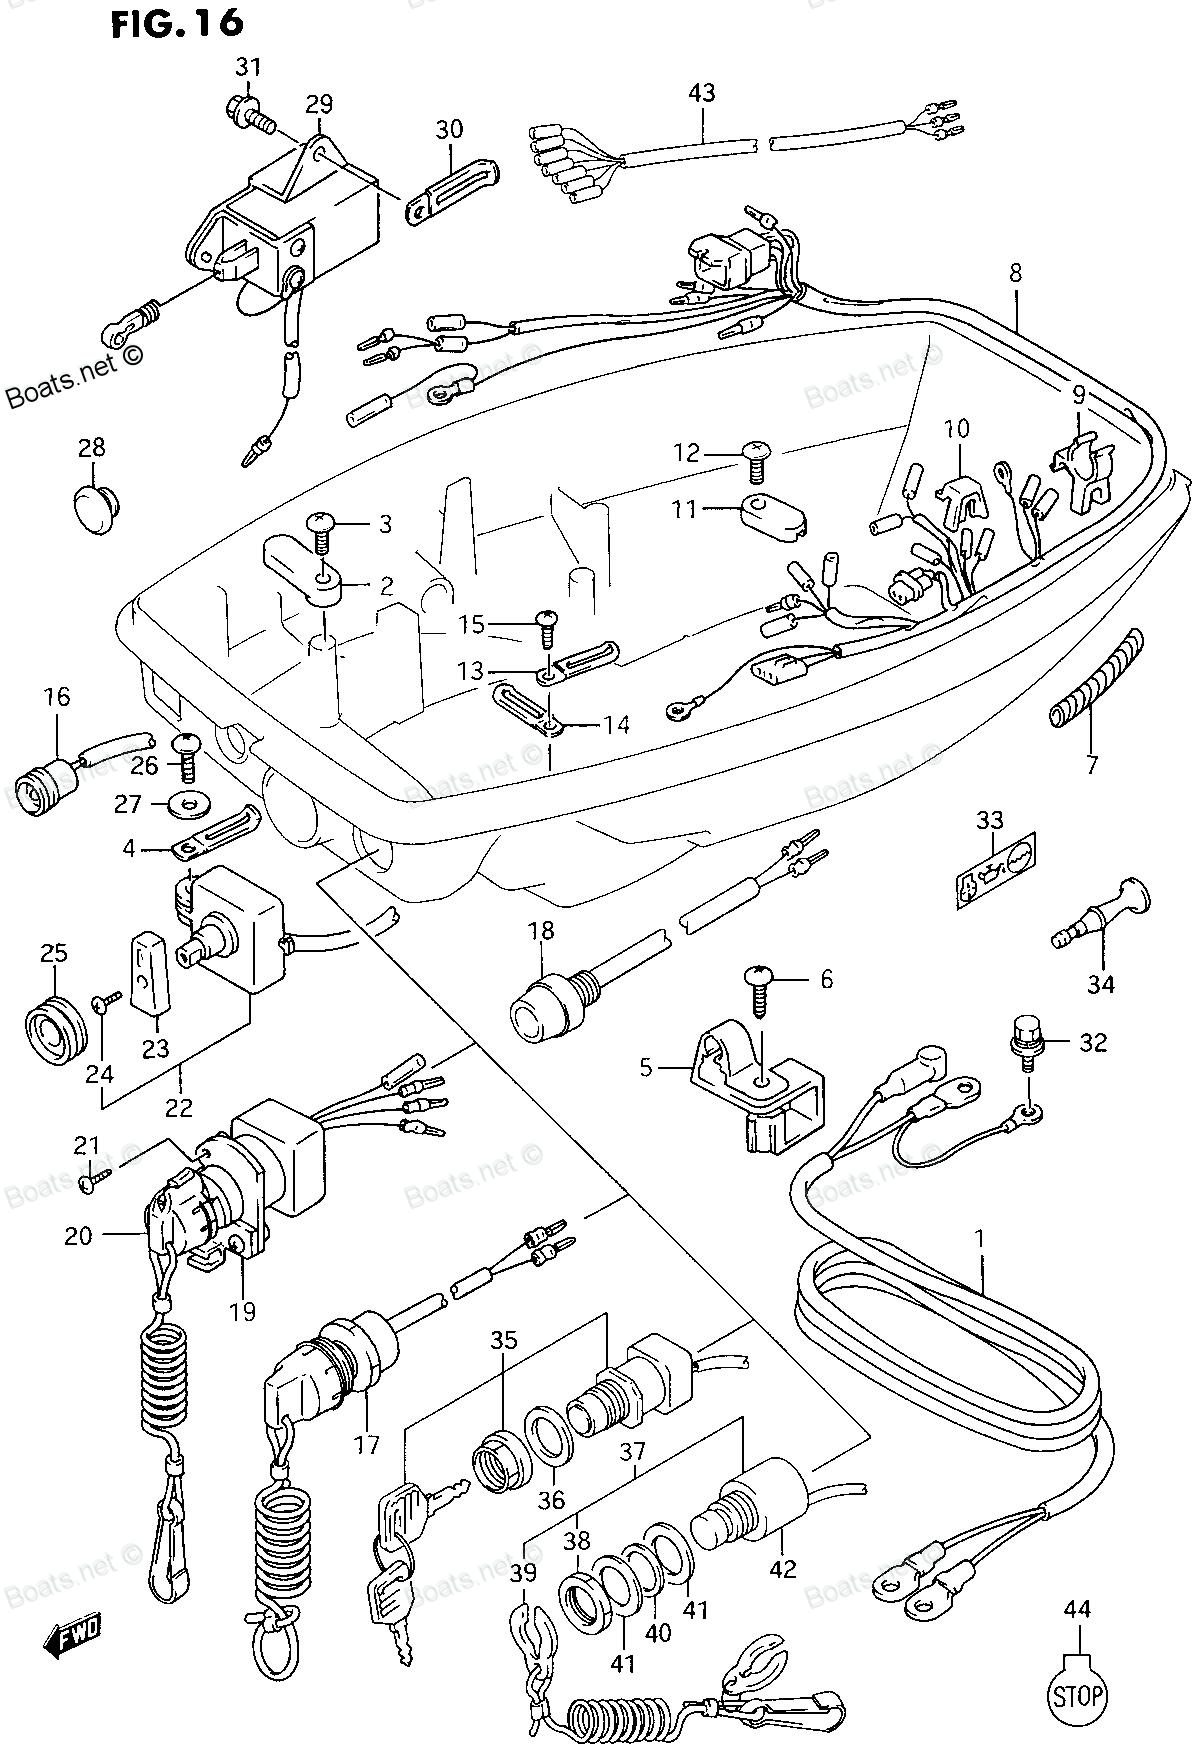 Dt25c Suzuki Wiring Schematic   Wiring Diagrams Fate last   Dt25c Suzuki Wiring Schematic      wiring diagram library